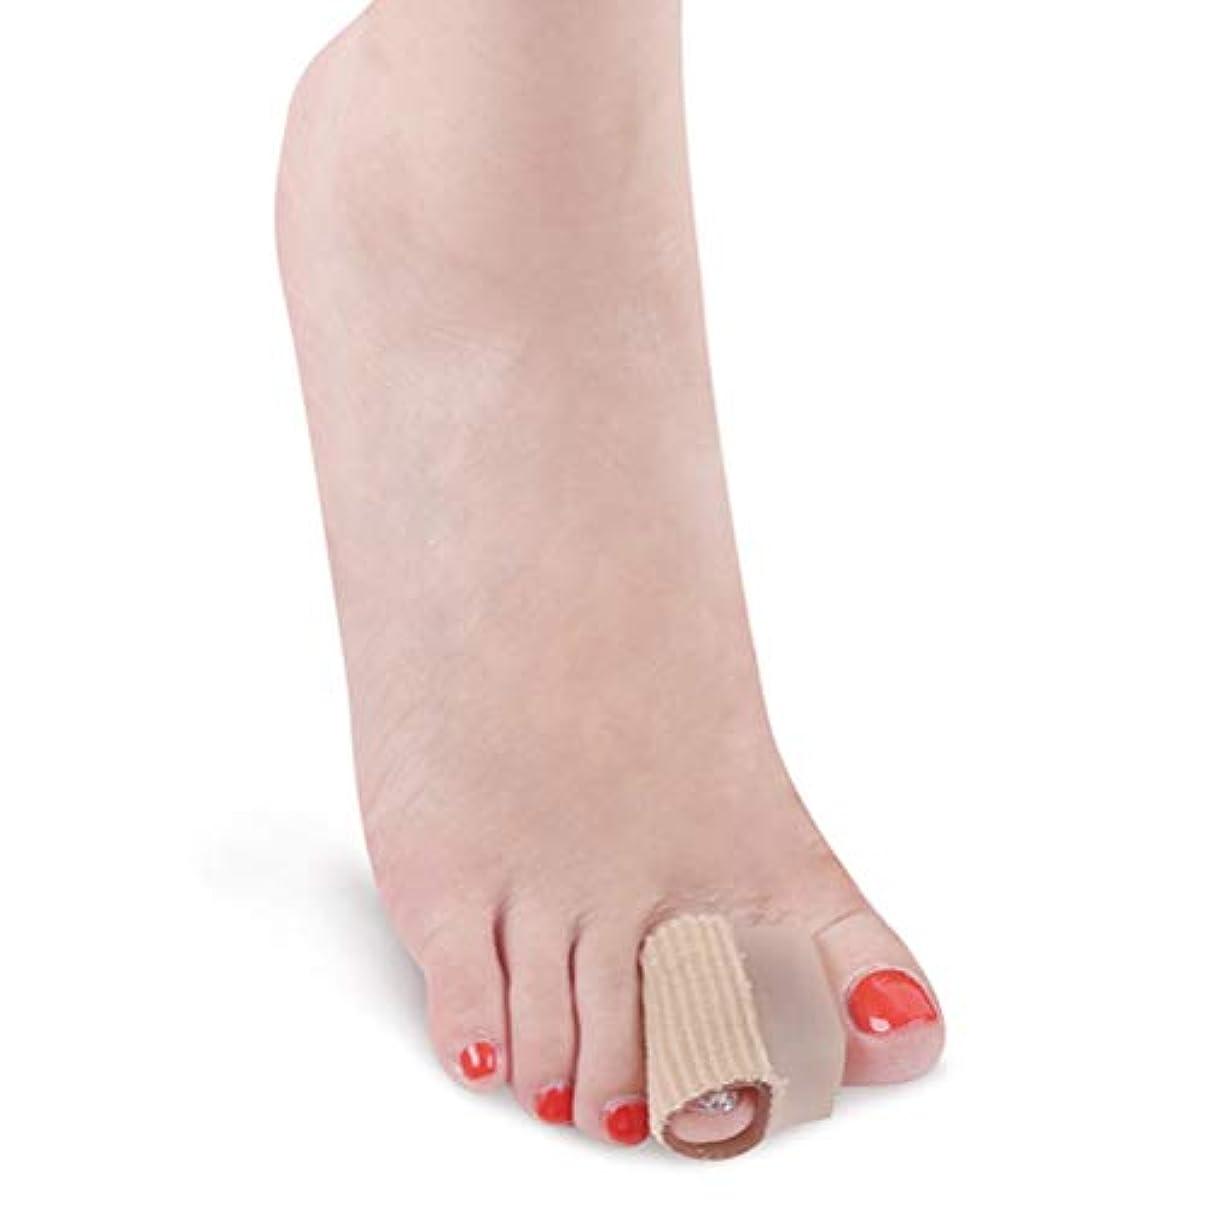 先祖チャーター導体SUPVOX 足指サポーター 指間広げる 足指矯正パッド つま先の保護 バニオン防止 健康グッズ 足指の分離 A型 痛みを和らげる トゥスペーサー カーキ 2 個入